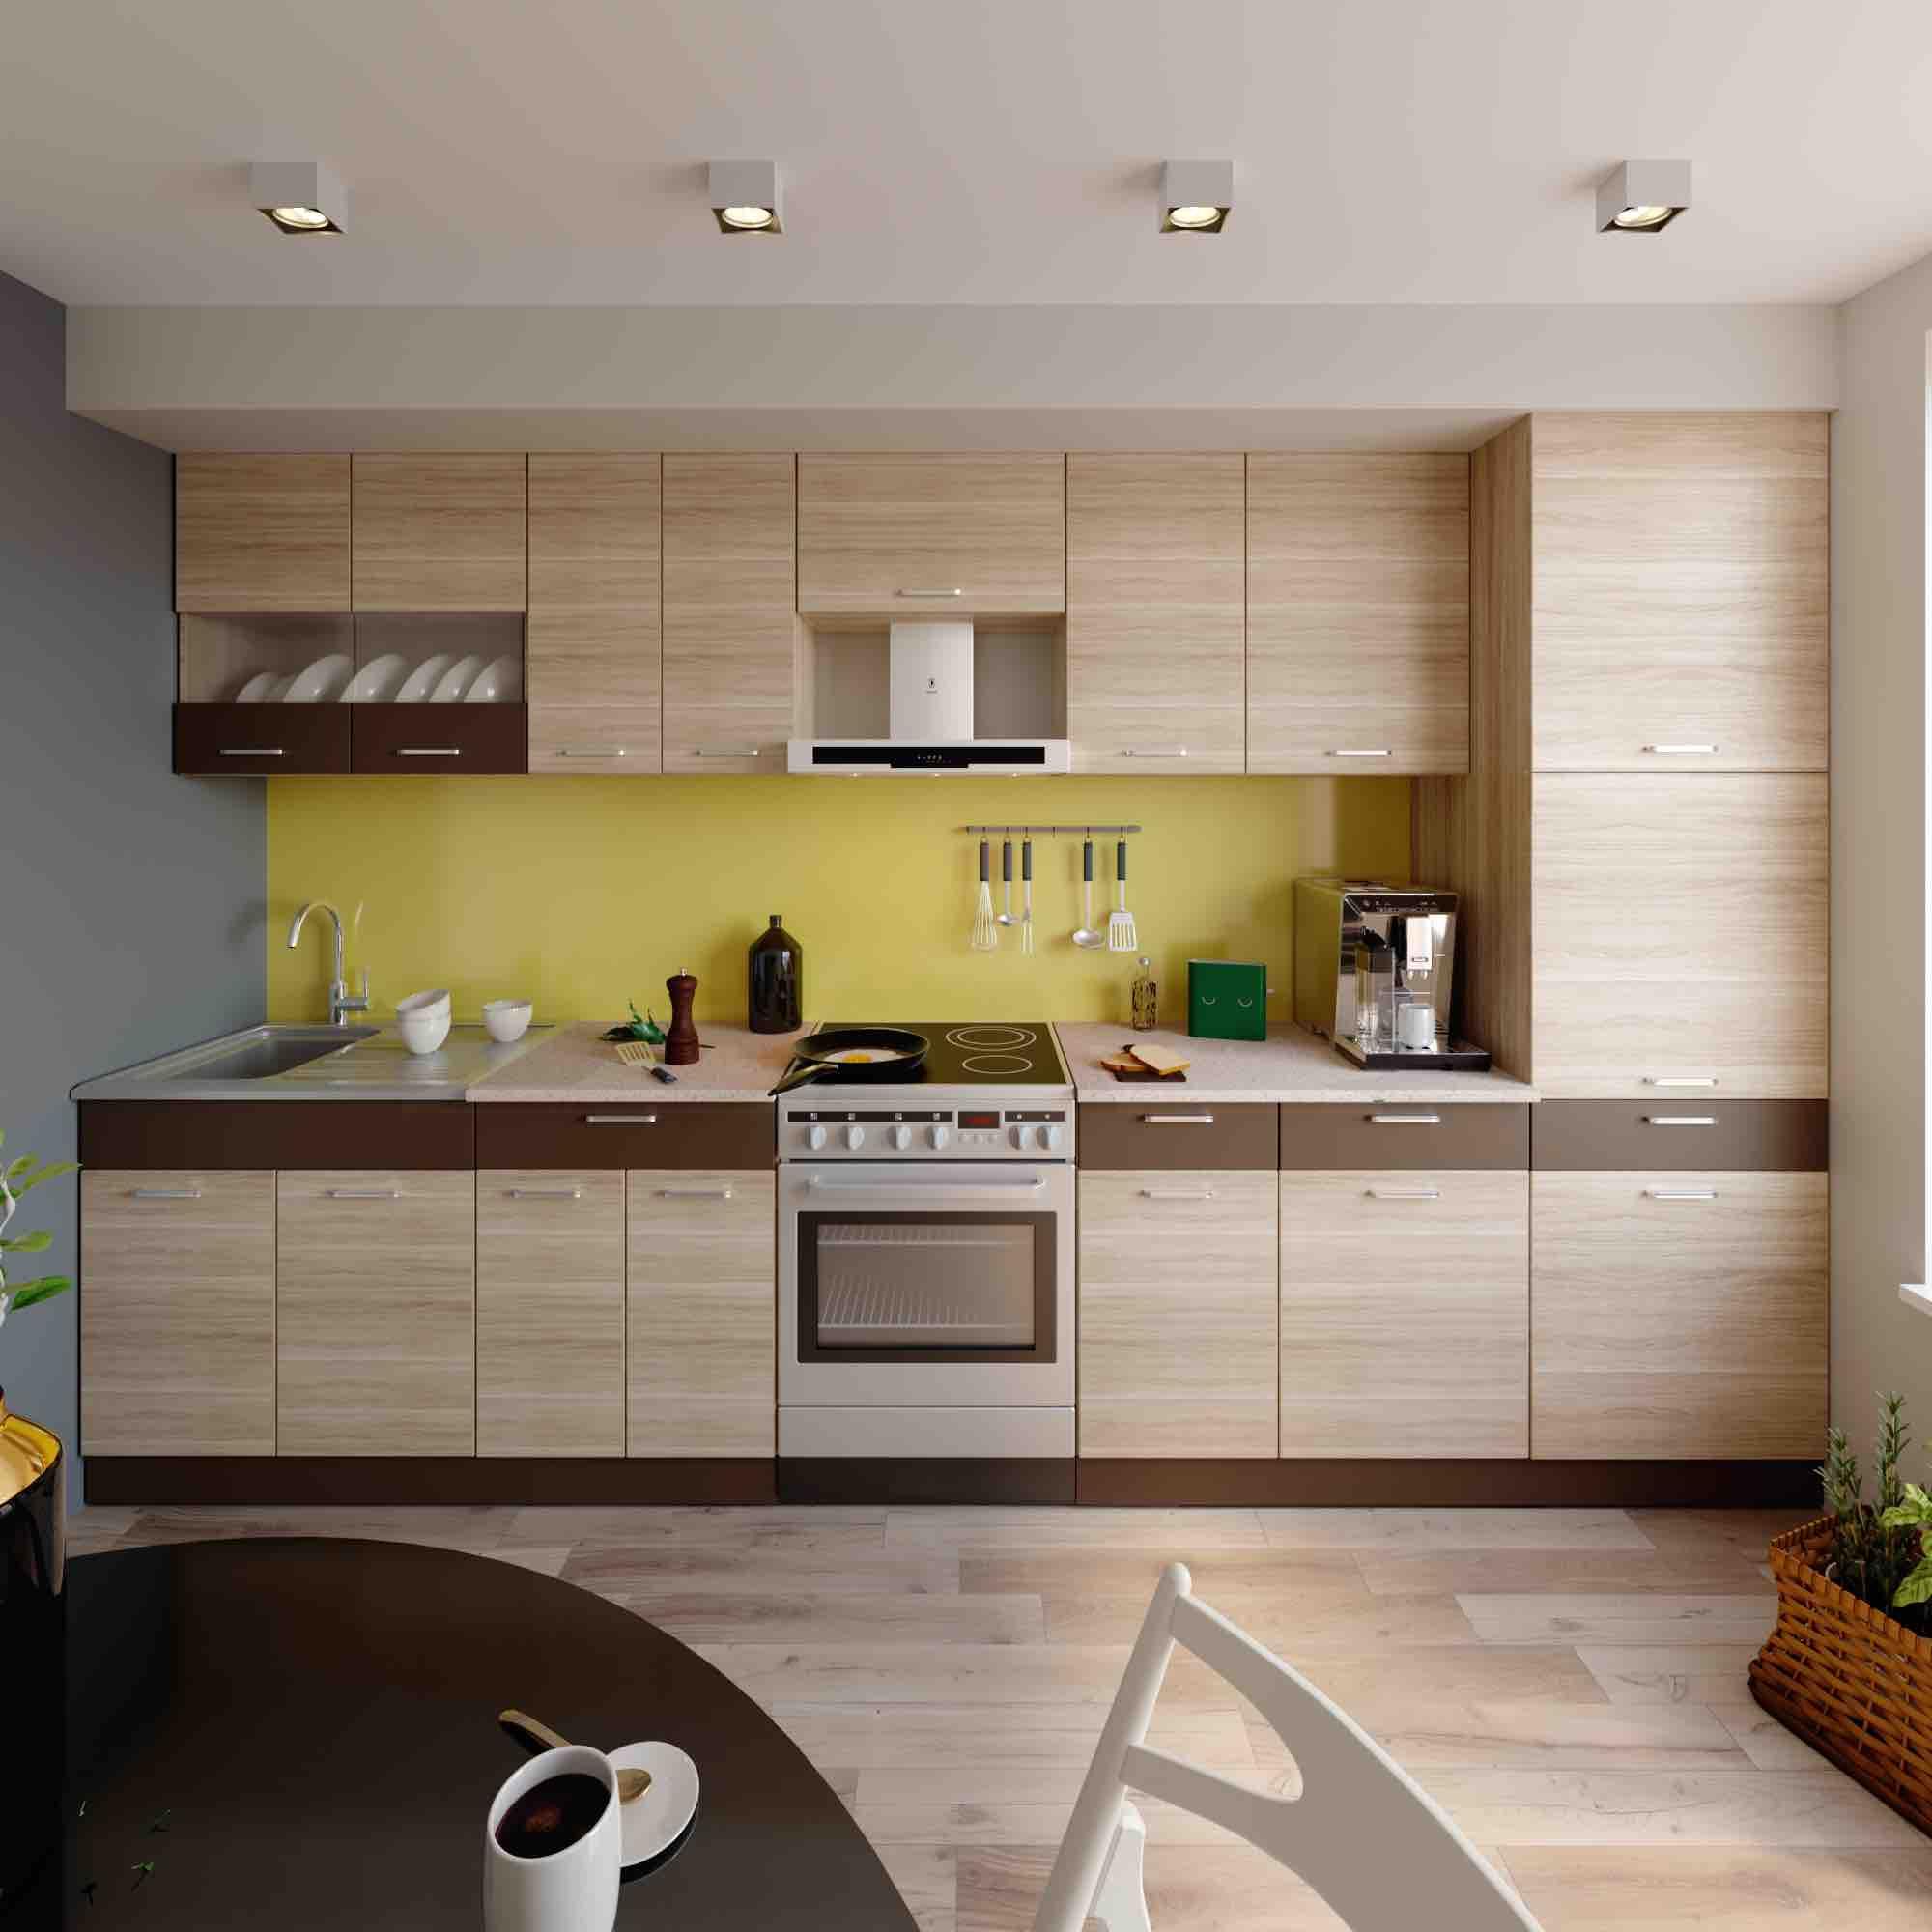 Küche ALINA H 350 cm – Möbel DENA